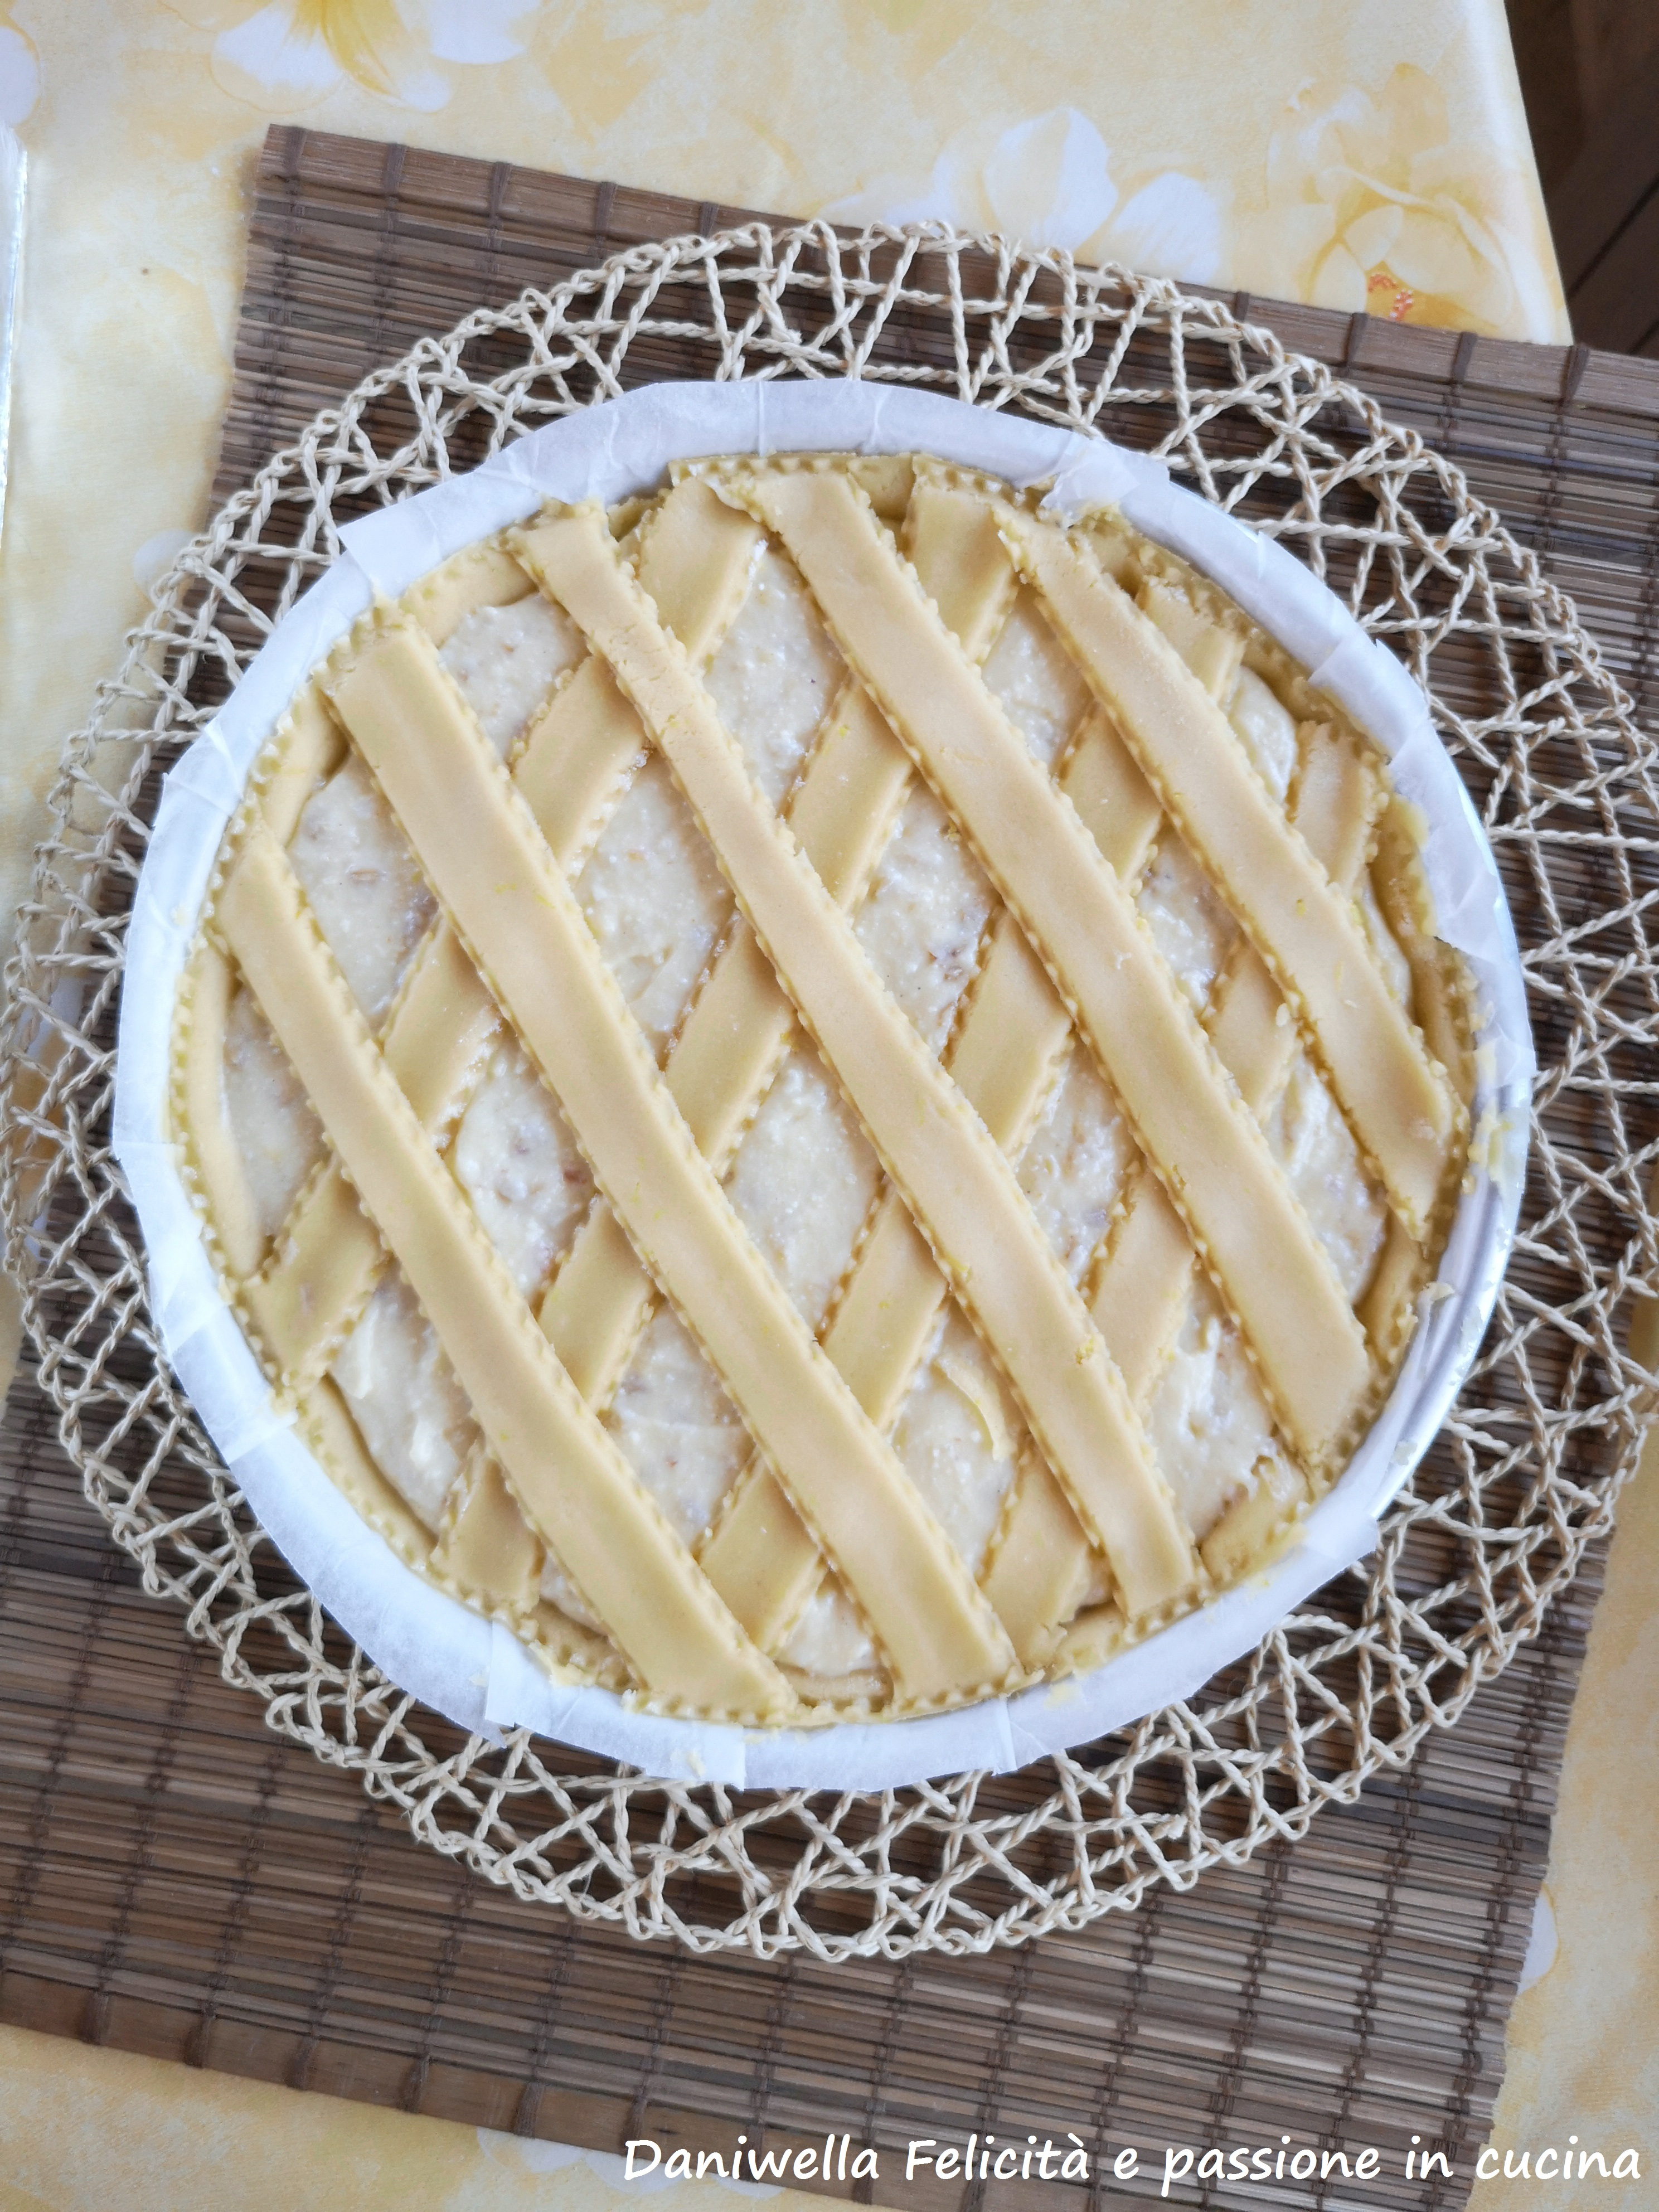 Versatele all'interno della pasta frolla, dopo di che pareggiate la superficie con una rondella. Con le strisce formate dei rombi.